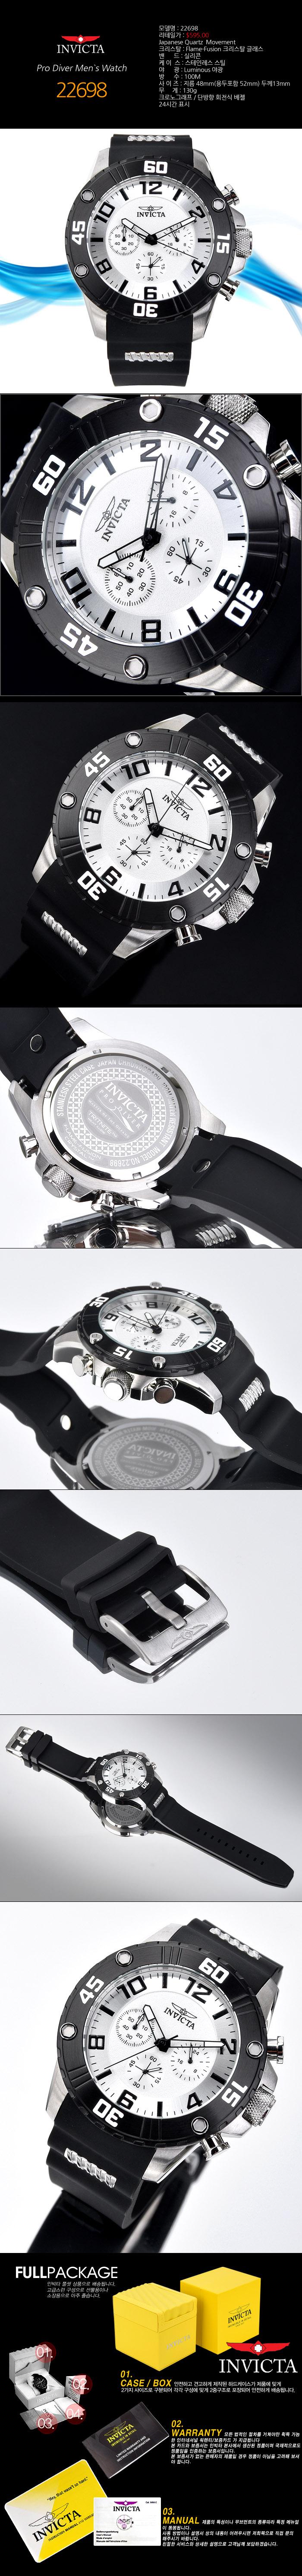 인빅타 22698 Pro Diver 크로노그래프 남성용 야광인덱스 시계